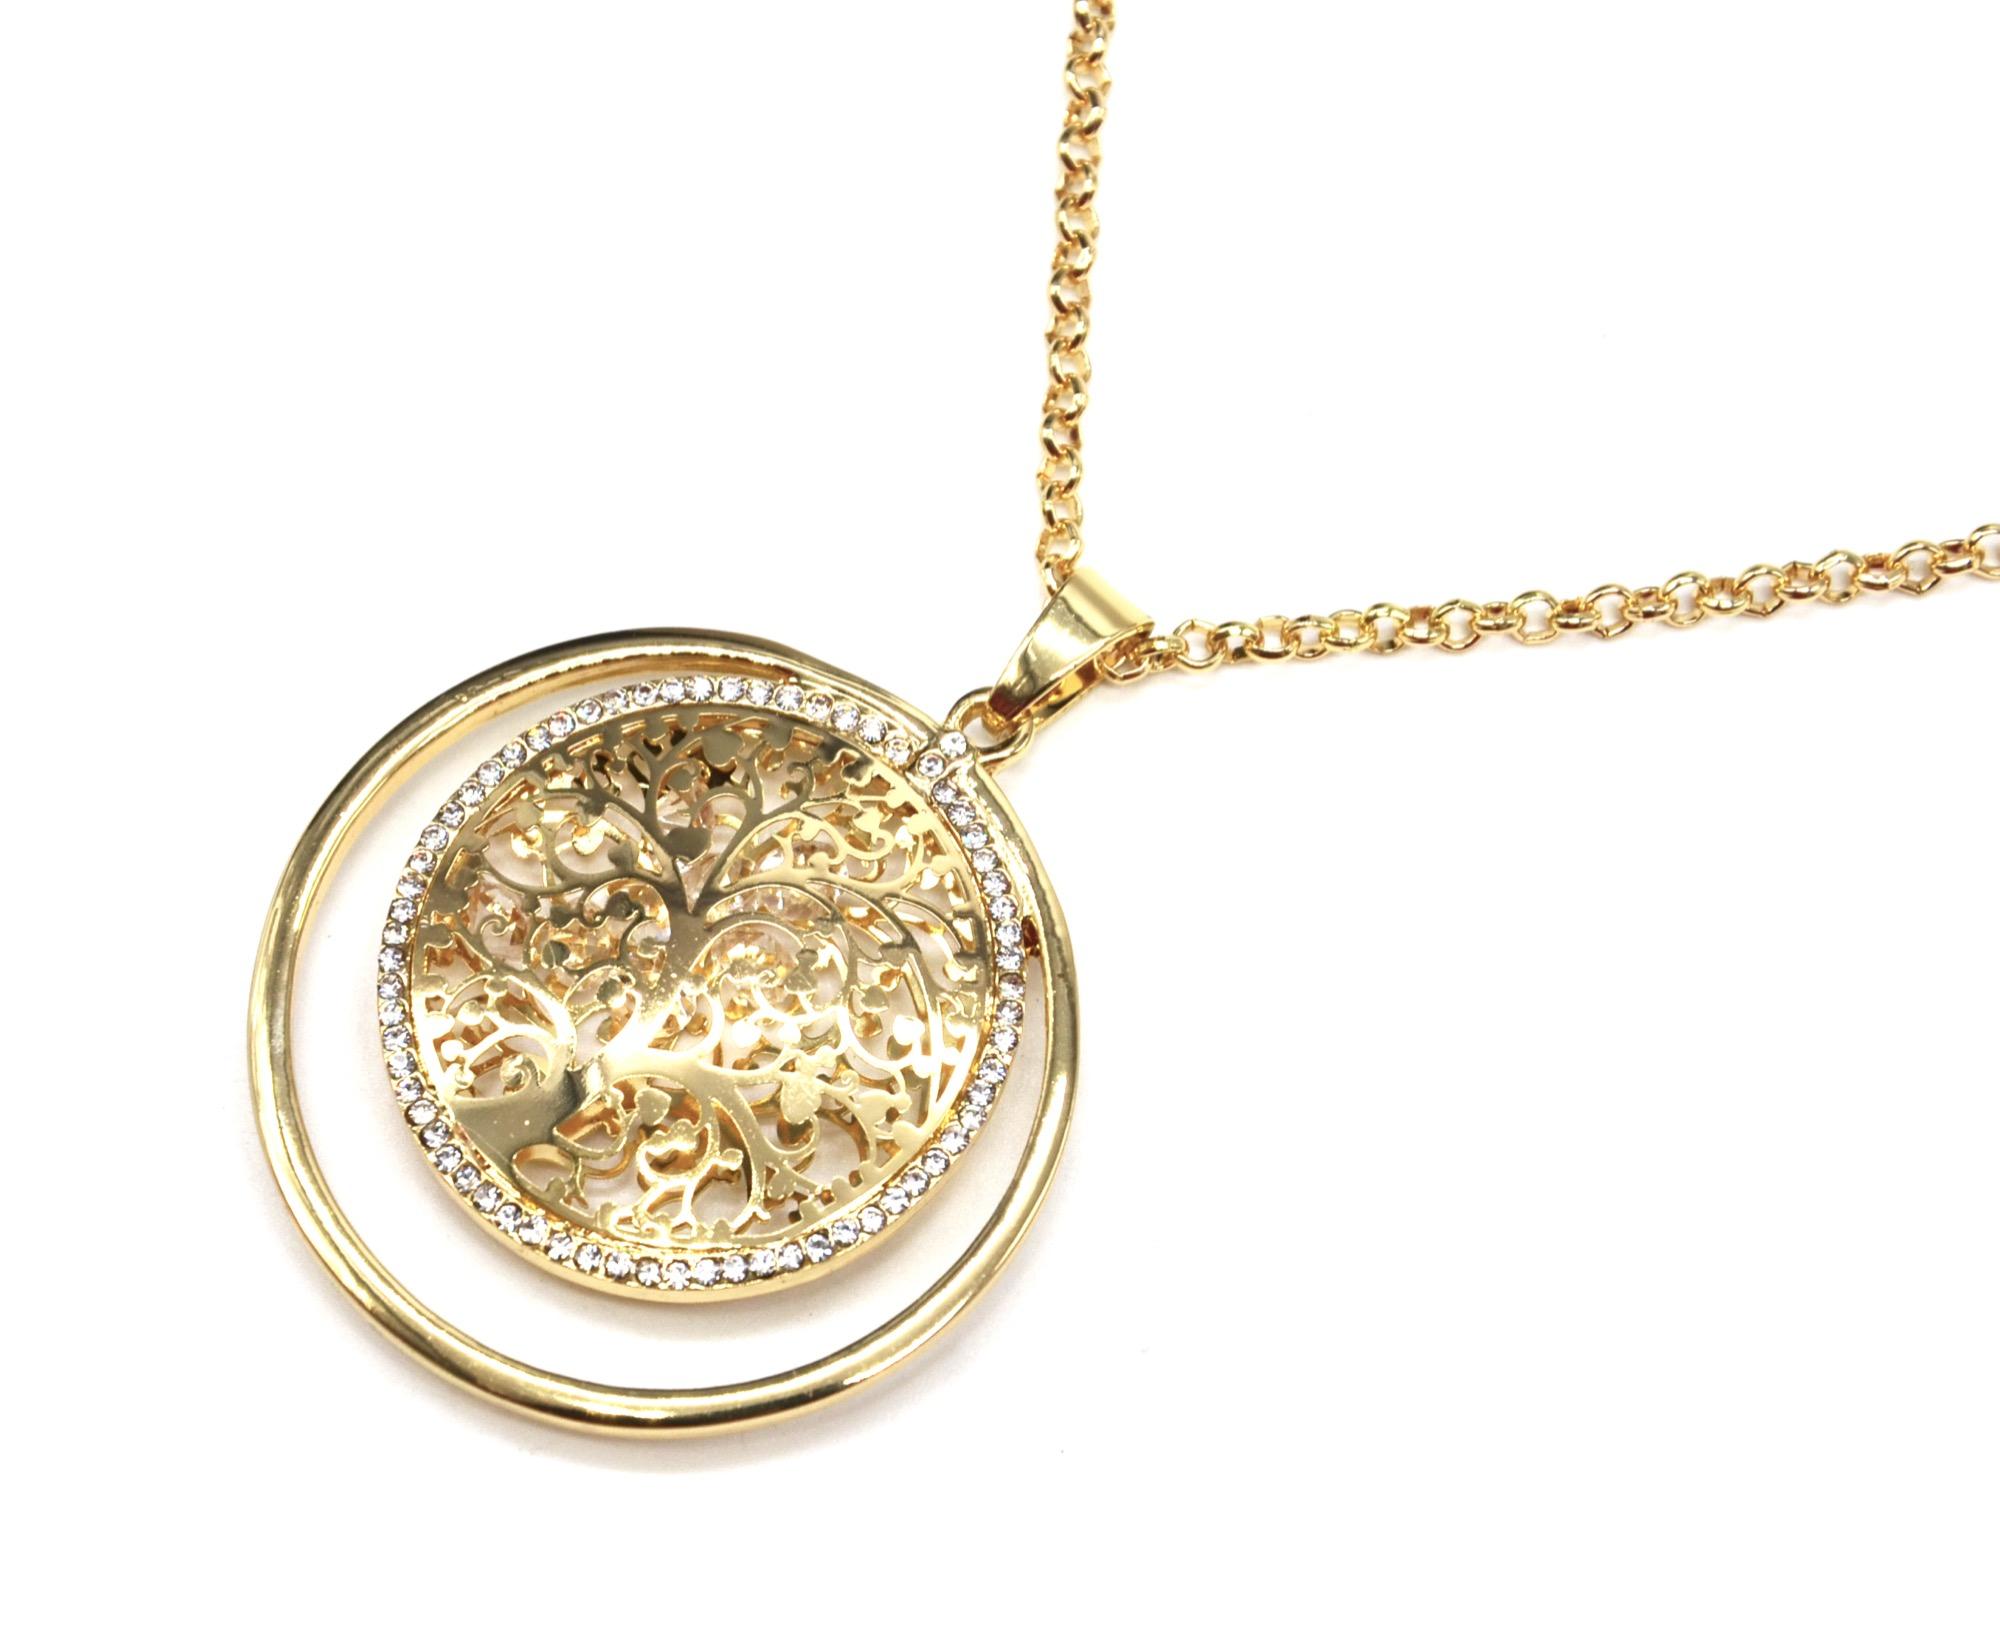 Cl1856e sautoir collier pendentif cercle arbre de vie ajour avec cristaux et contour strass - Arbre a collier ...